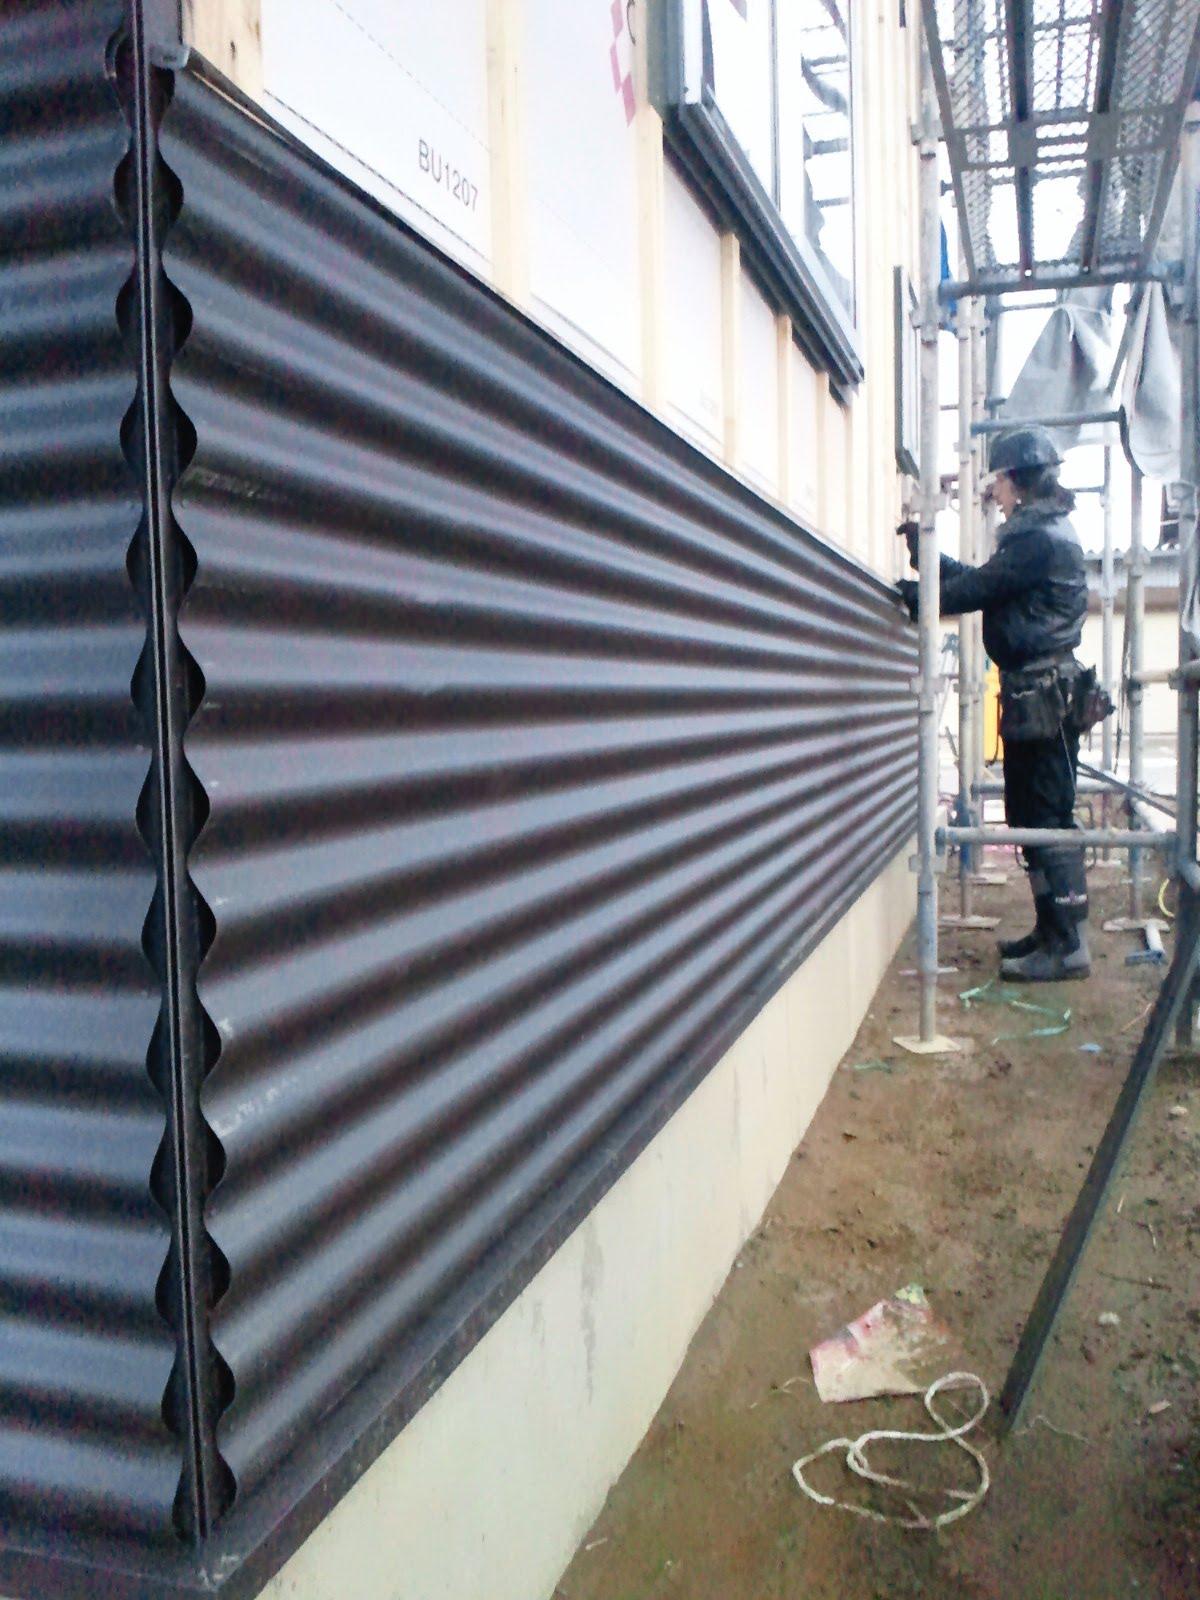 ブログ ブリキ日記 : ガルバリューム鋼板・中波